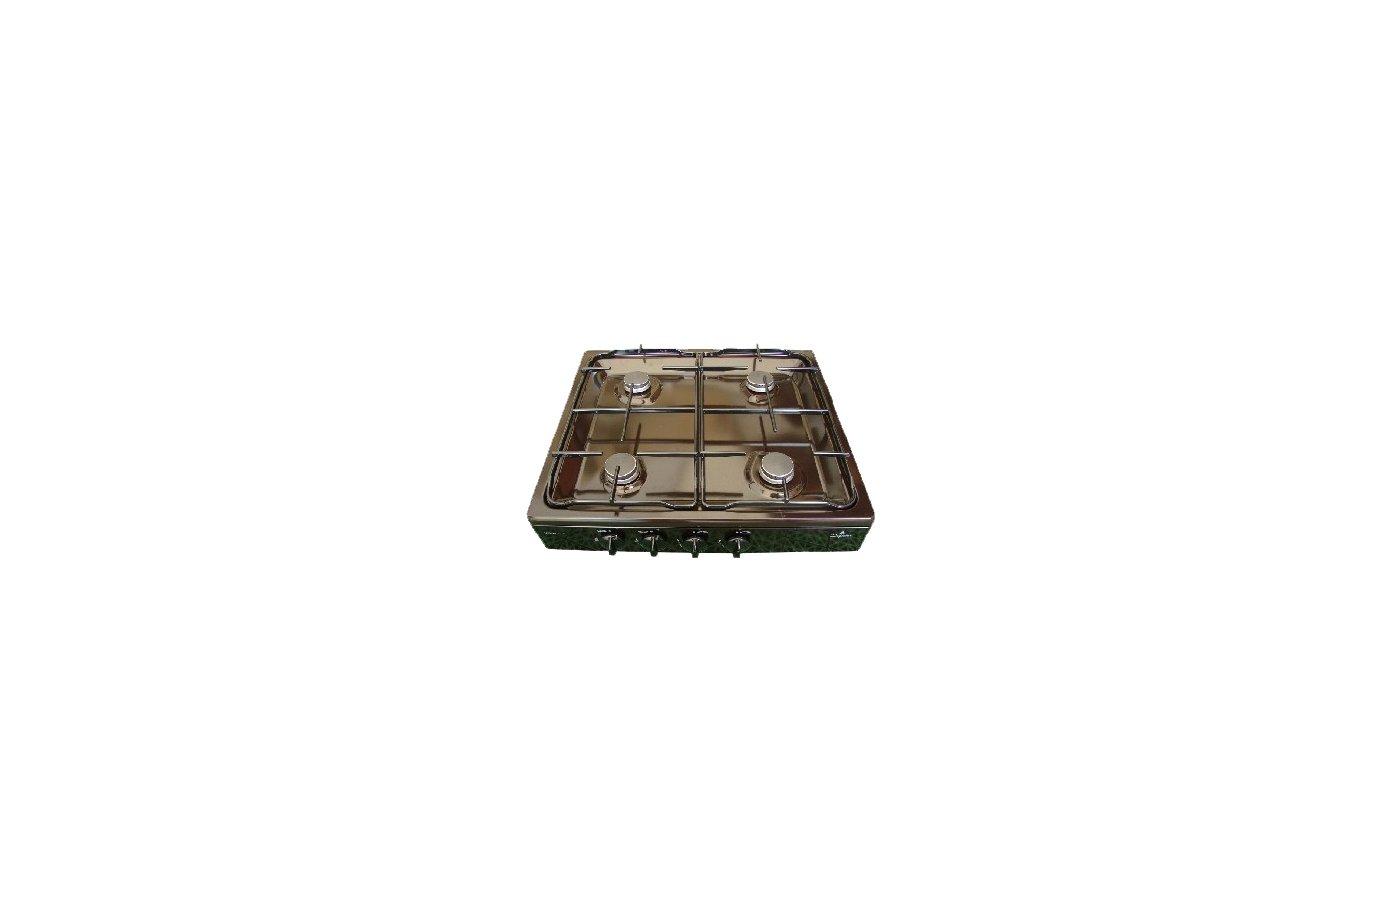 Плитка газовая DARINA L NGM 441 03 B